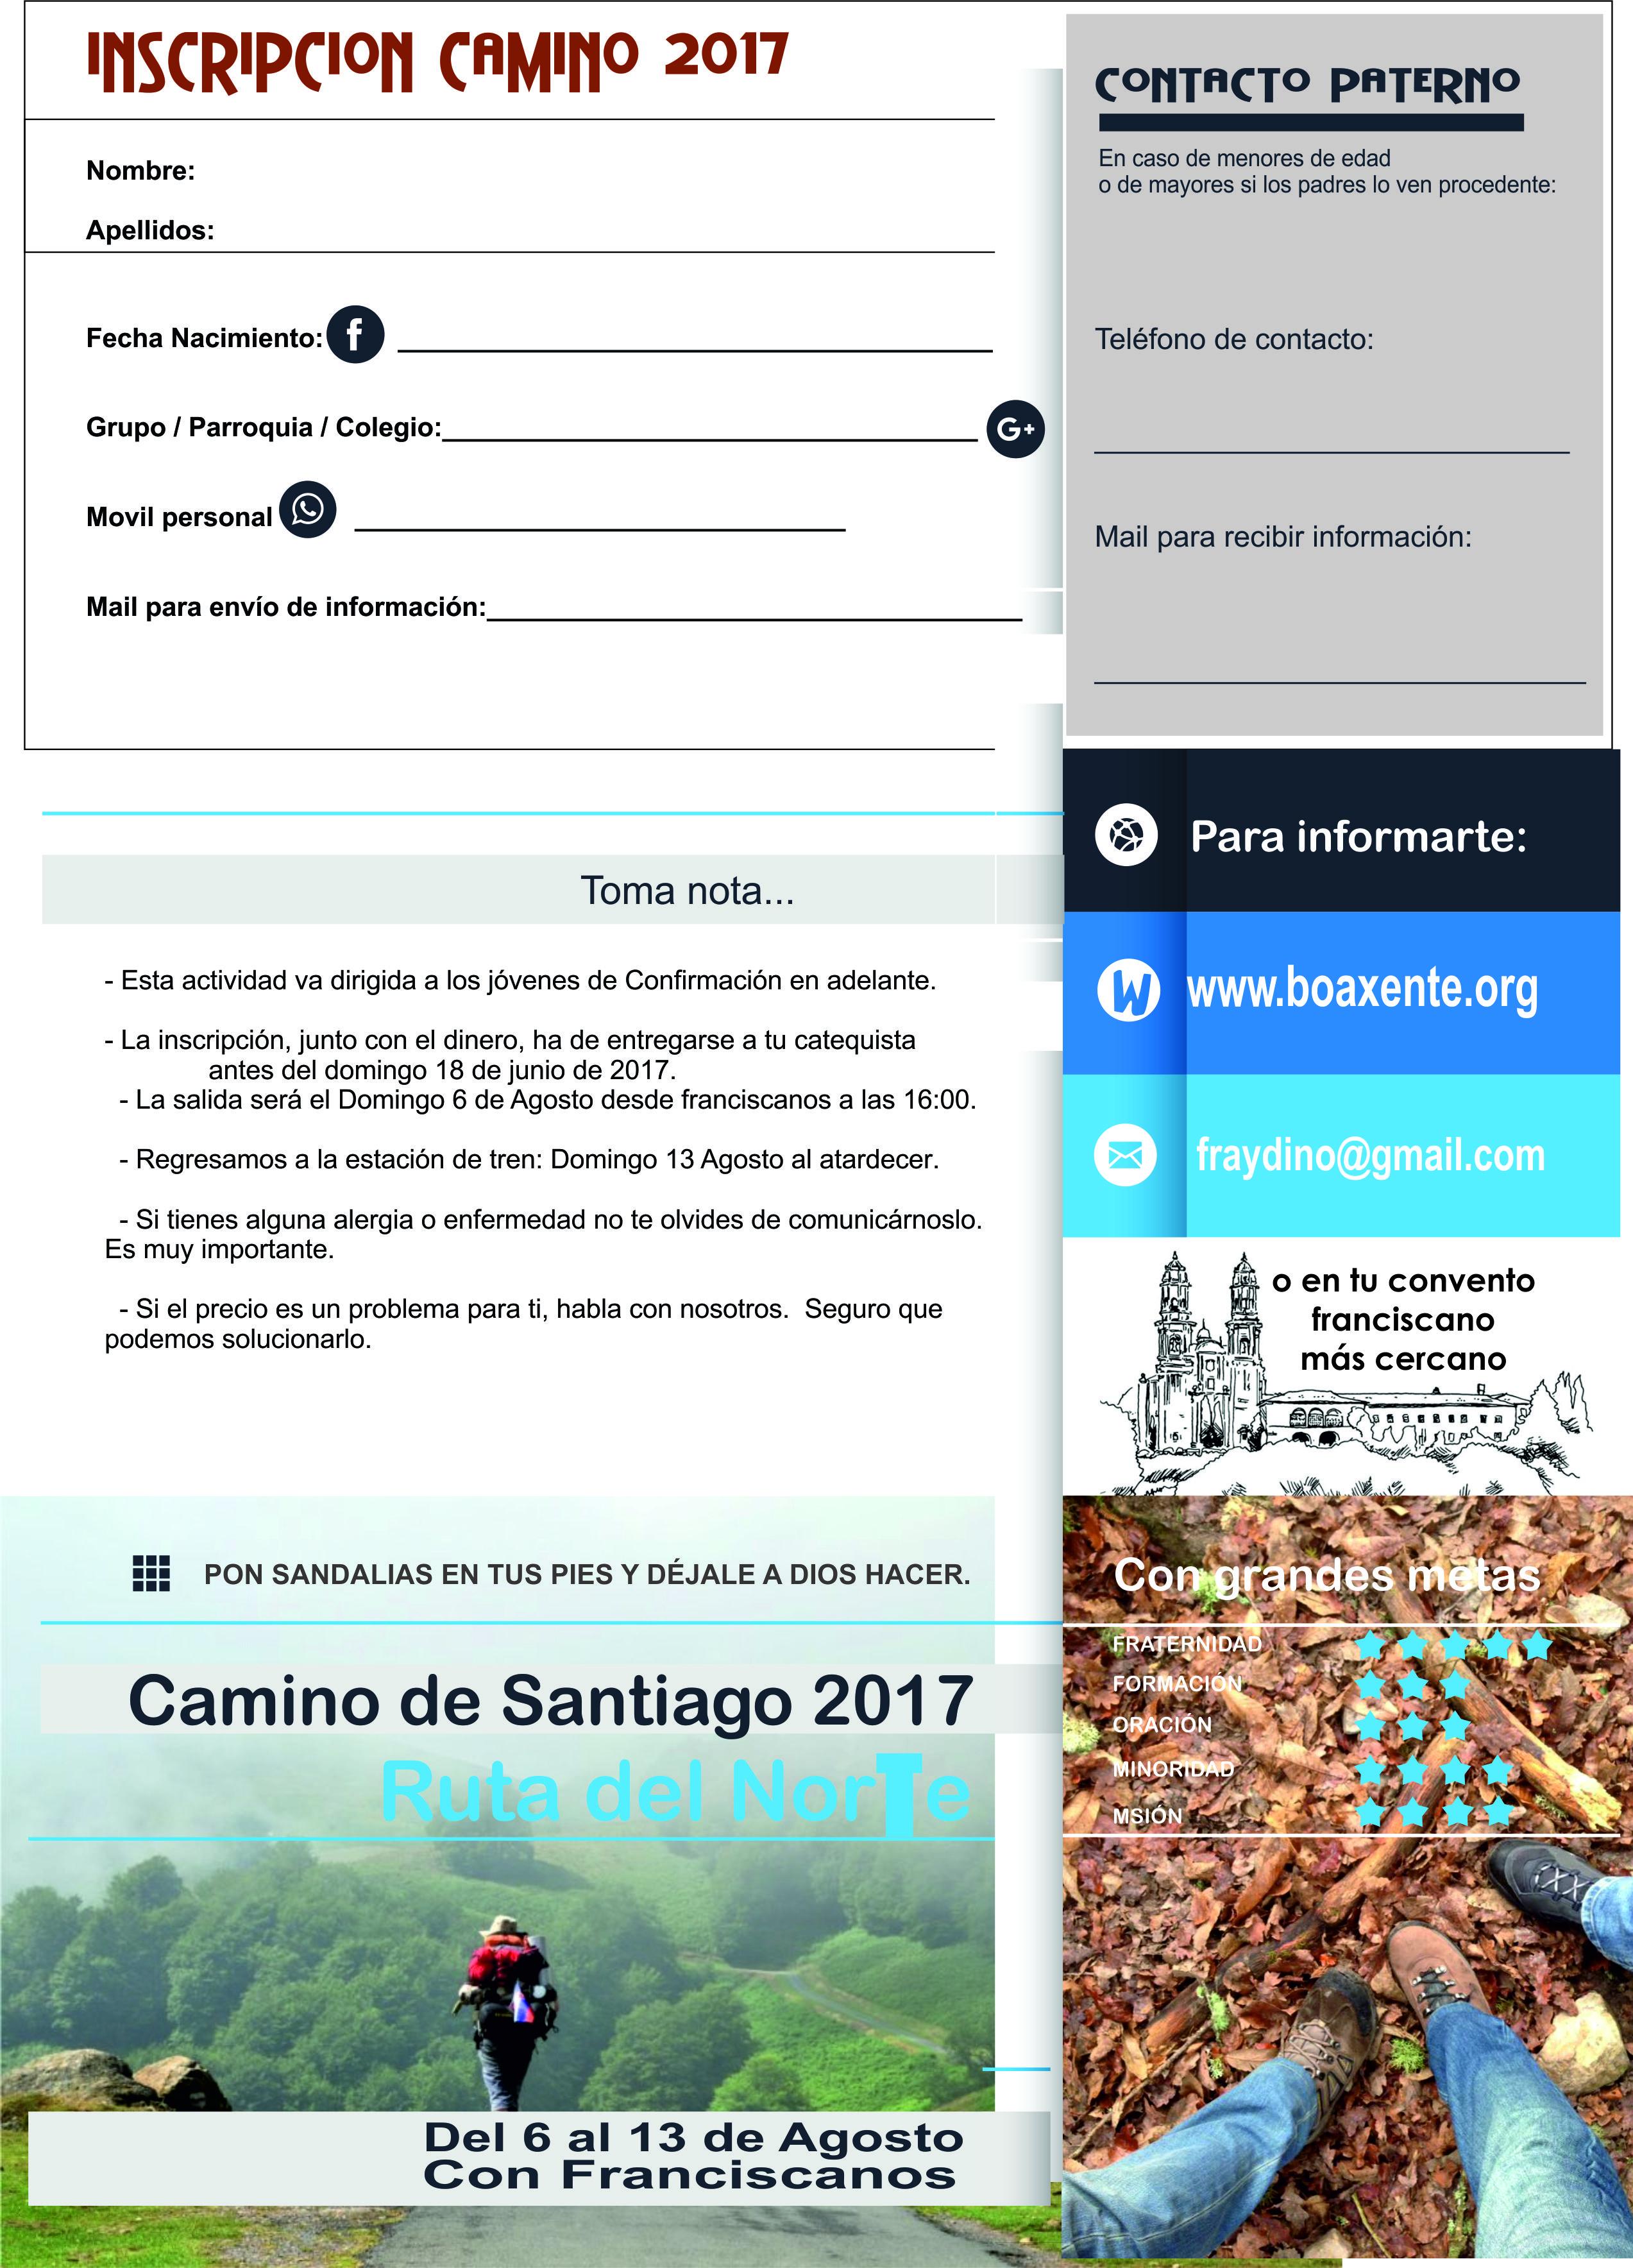 Camino de Santiago. Verano 2017